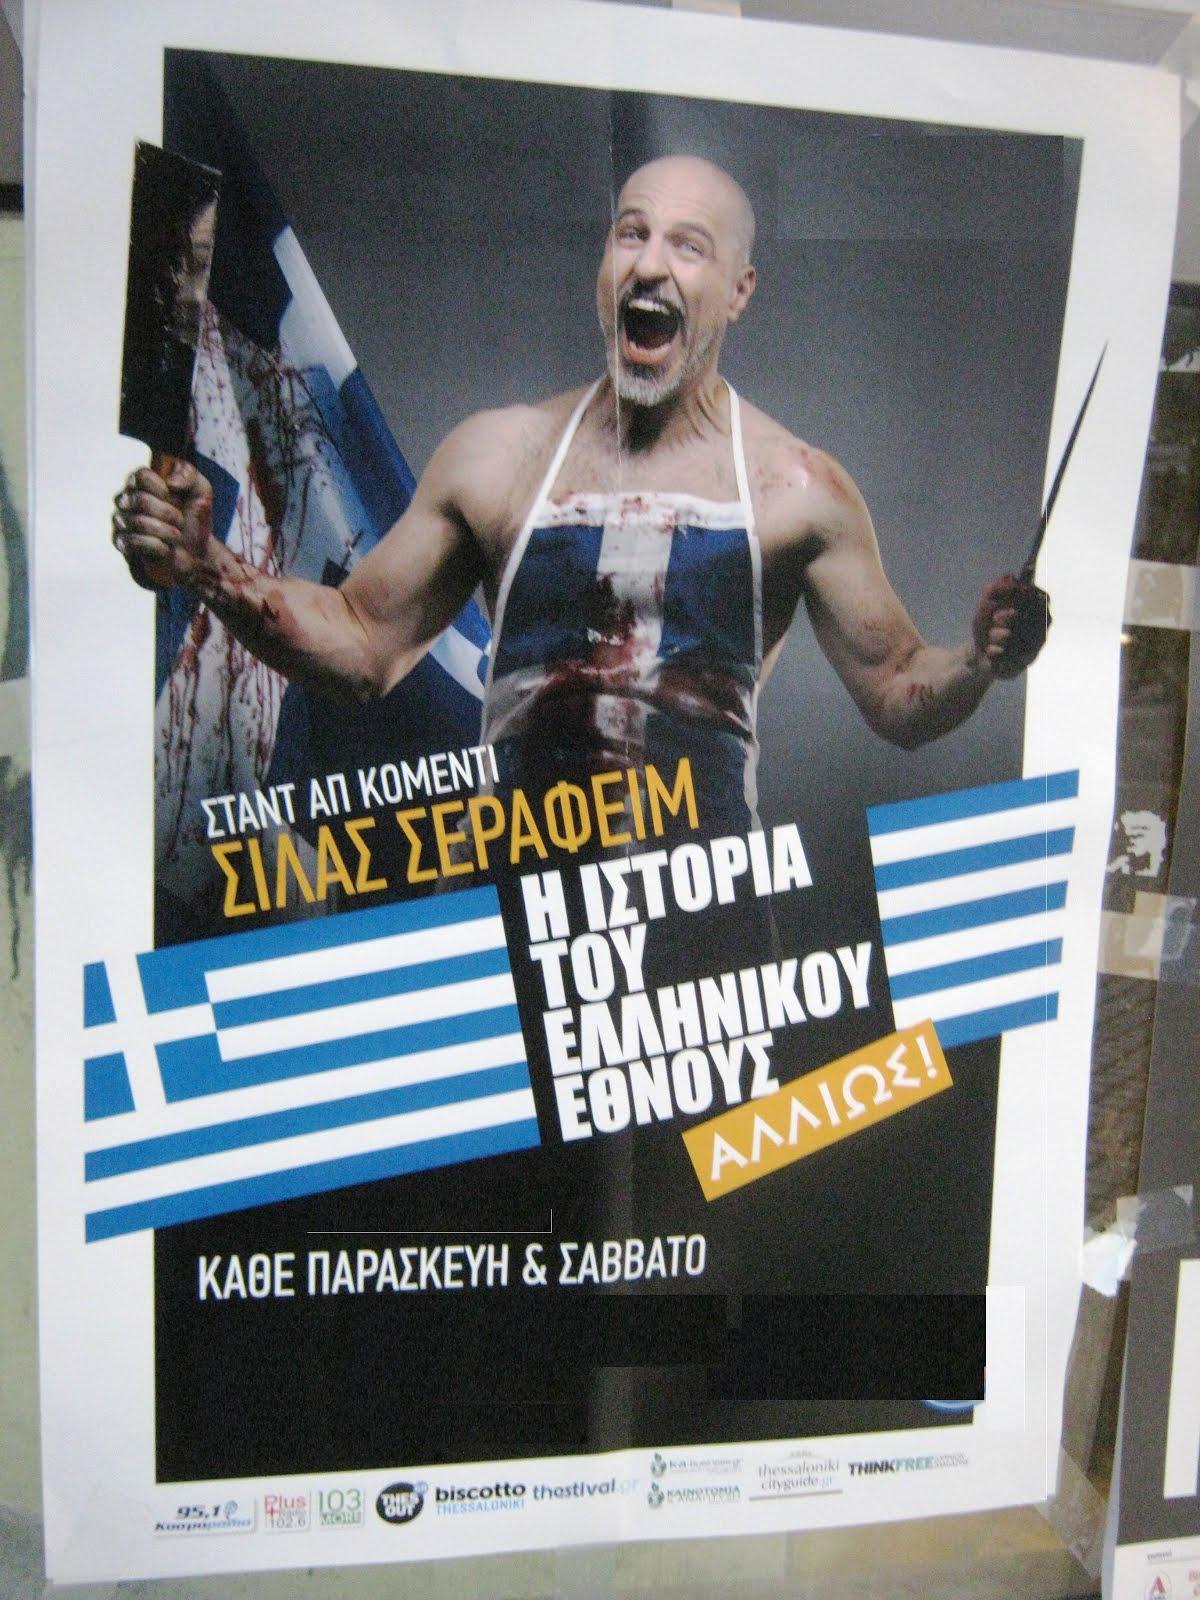 Η Ιστορία του Ελληνικού Έθνους που δεν θέλουμε να μάθουμε.